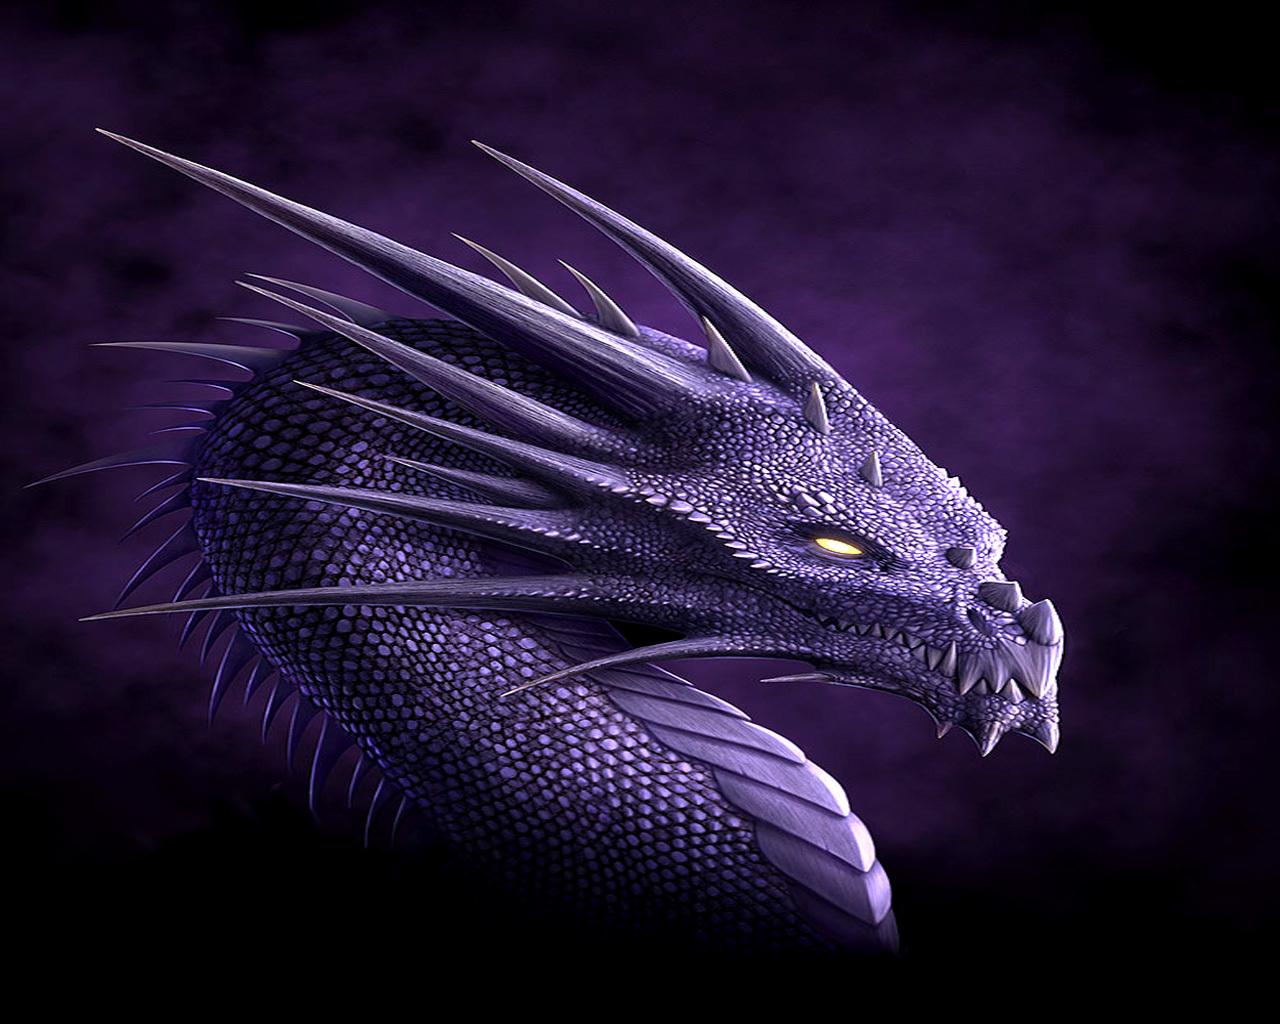 http://4.bp.blogspot.com/-8sEI2cjk7ts/T9kWF5mwS8I/AAAAAAAAAmI/lReuRti2MB0/s1600/Dragon-Wallpaper-dragons-13975574-1280-1024.jpg